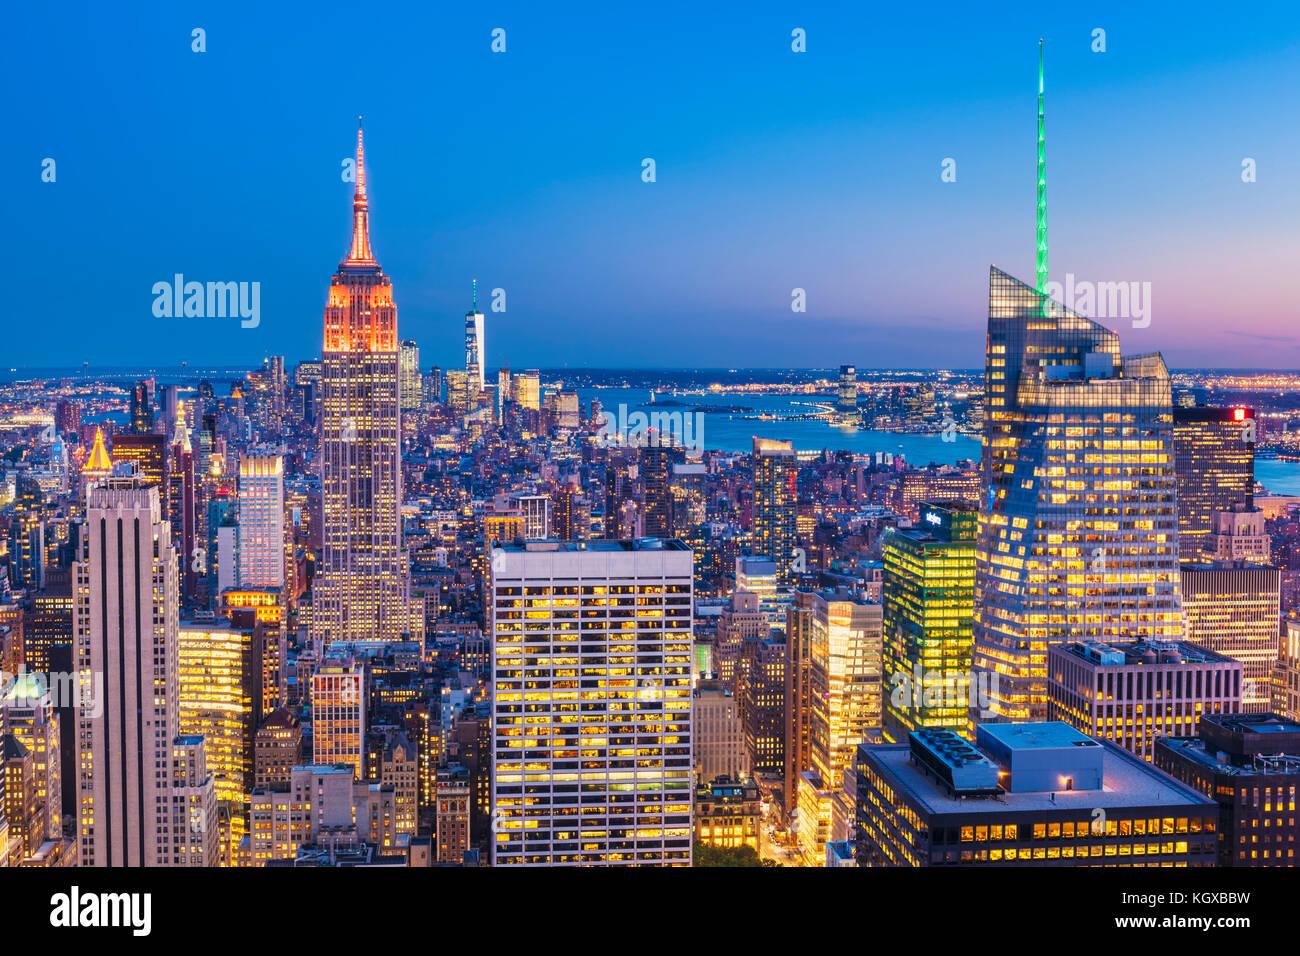 Rascacielos de Nueva York, Manhattan, el Empire State Building, en la noche, la ciudad de Nueva York, Estados Unidos Imagen De Stock